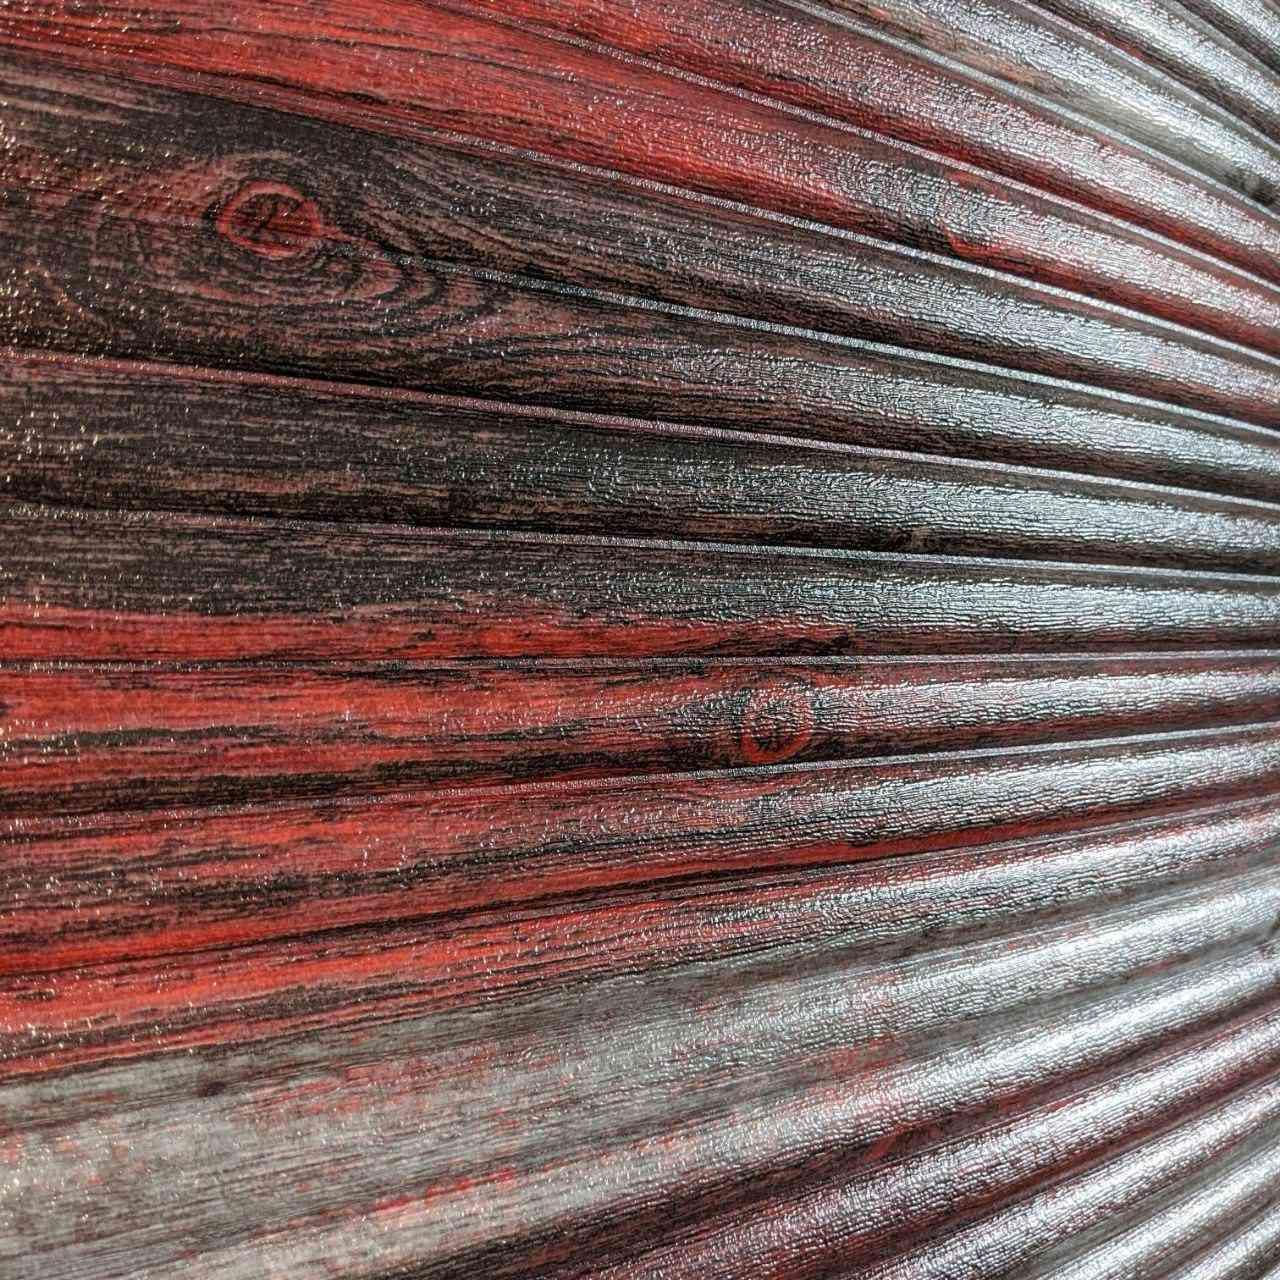 Самоклеюча декоративна 3D панель бамбук червоно-сірий 700x700x9 мм (самоклейка, М'які 3D Панелі)